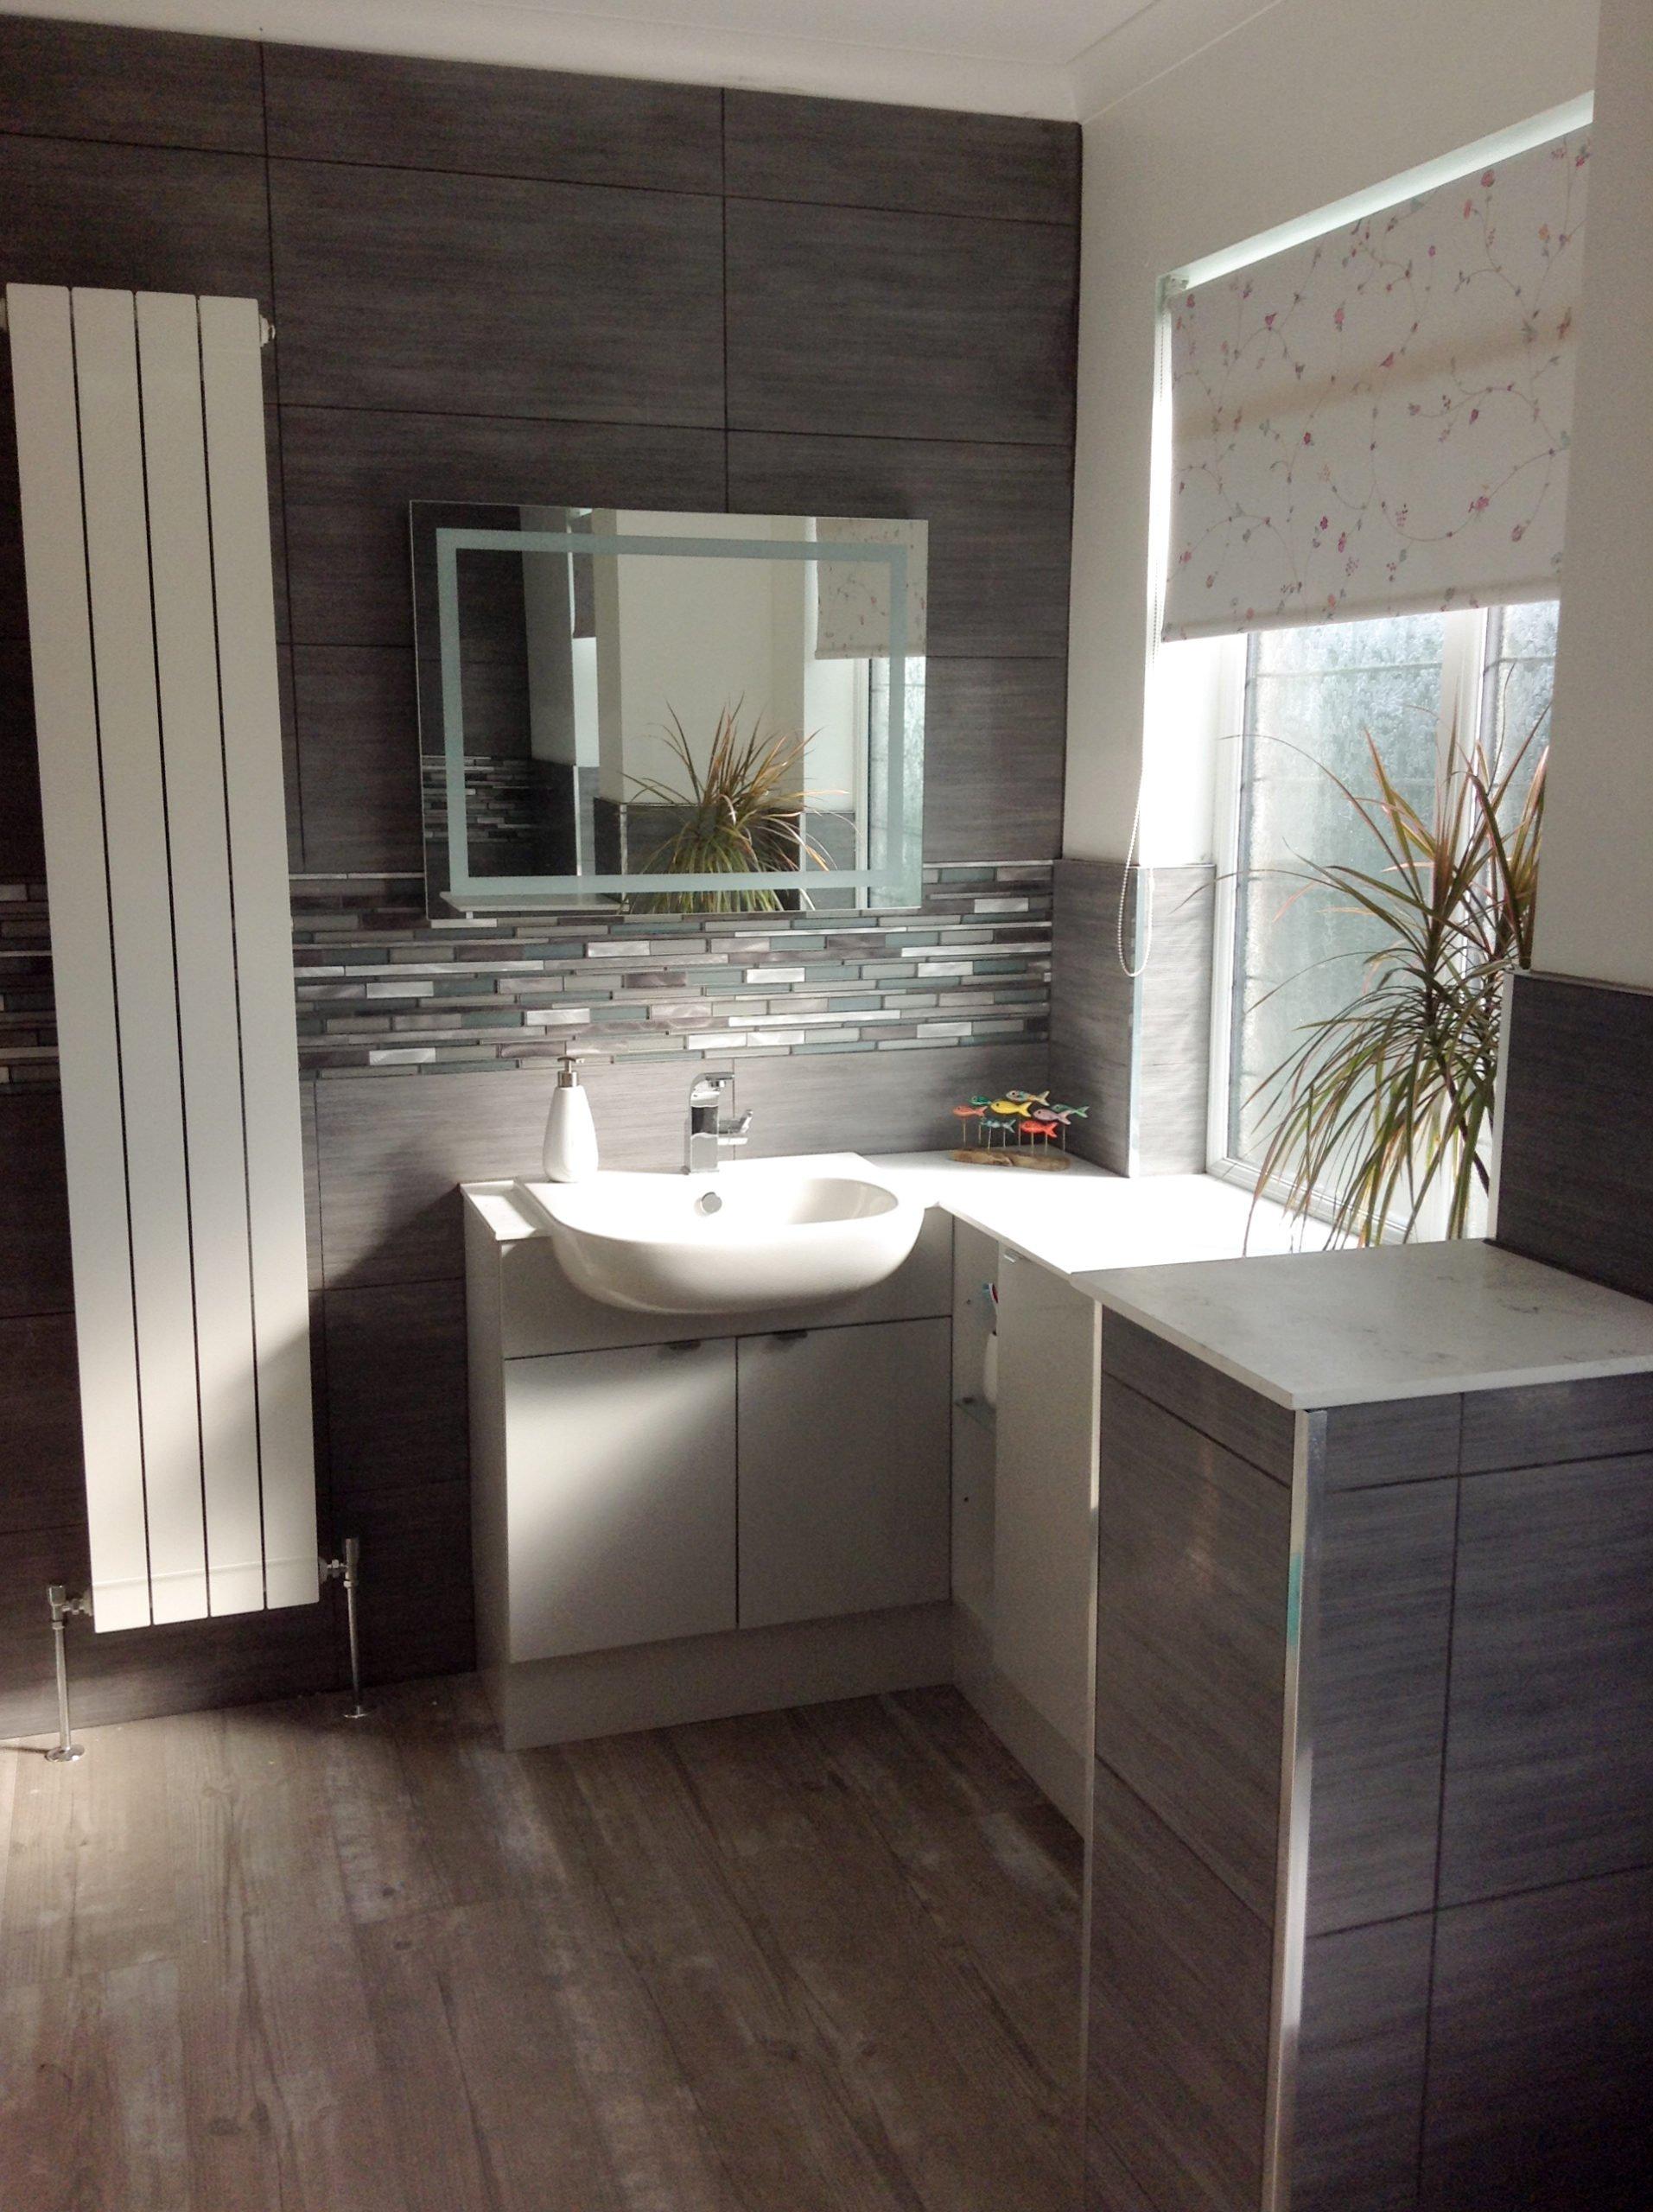 Contemporary bathroom transformation